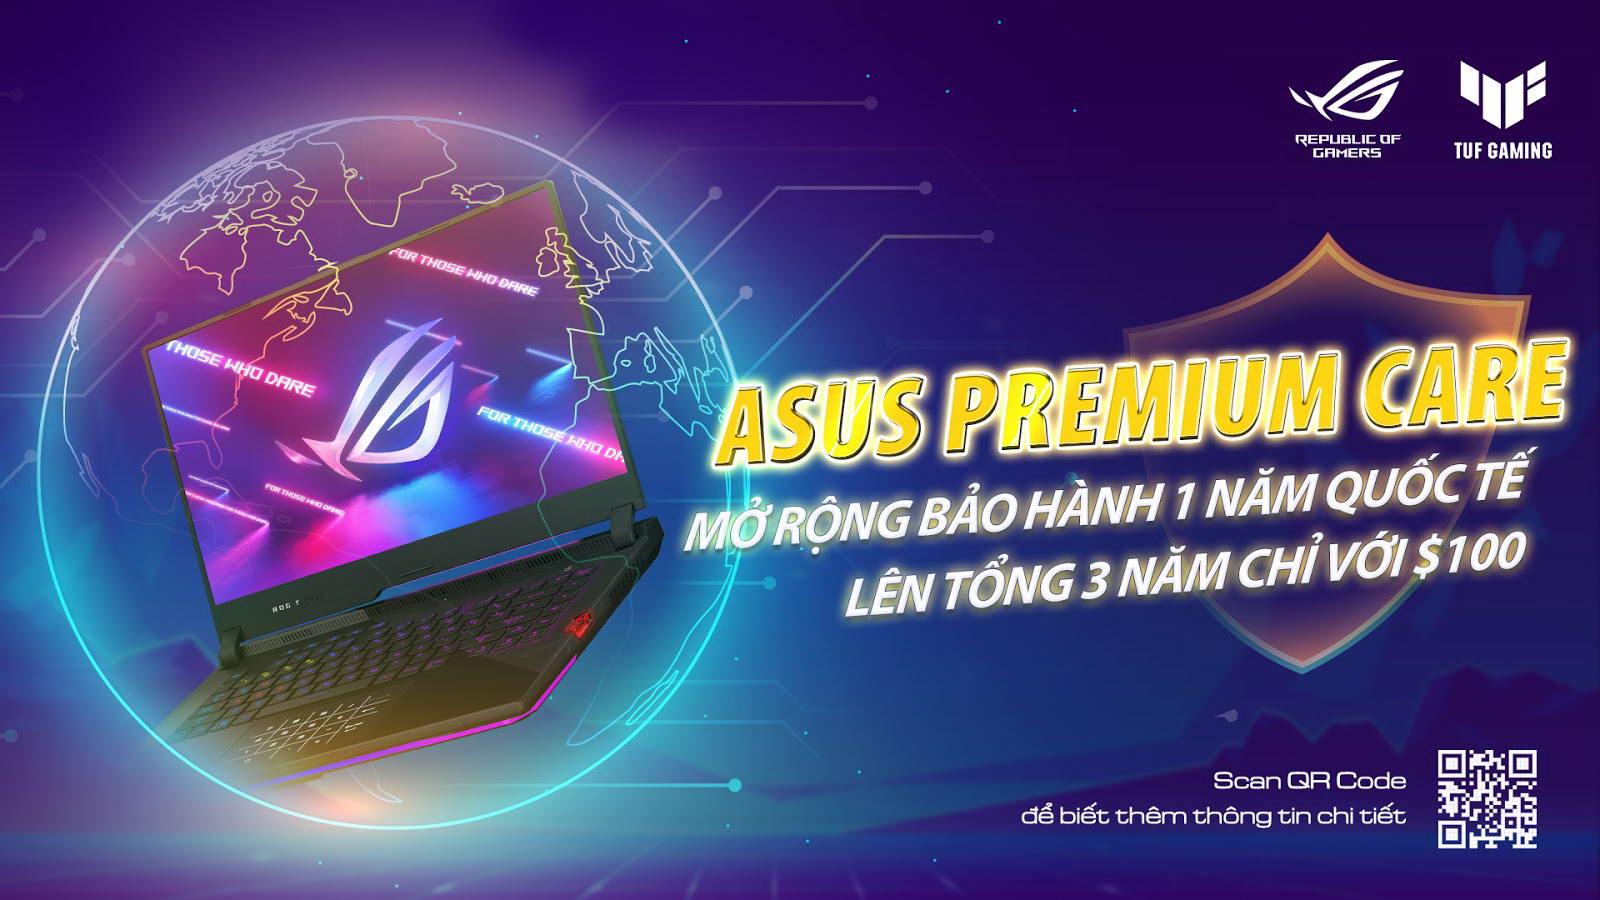 ASUS Premium Care